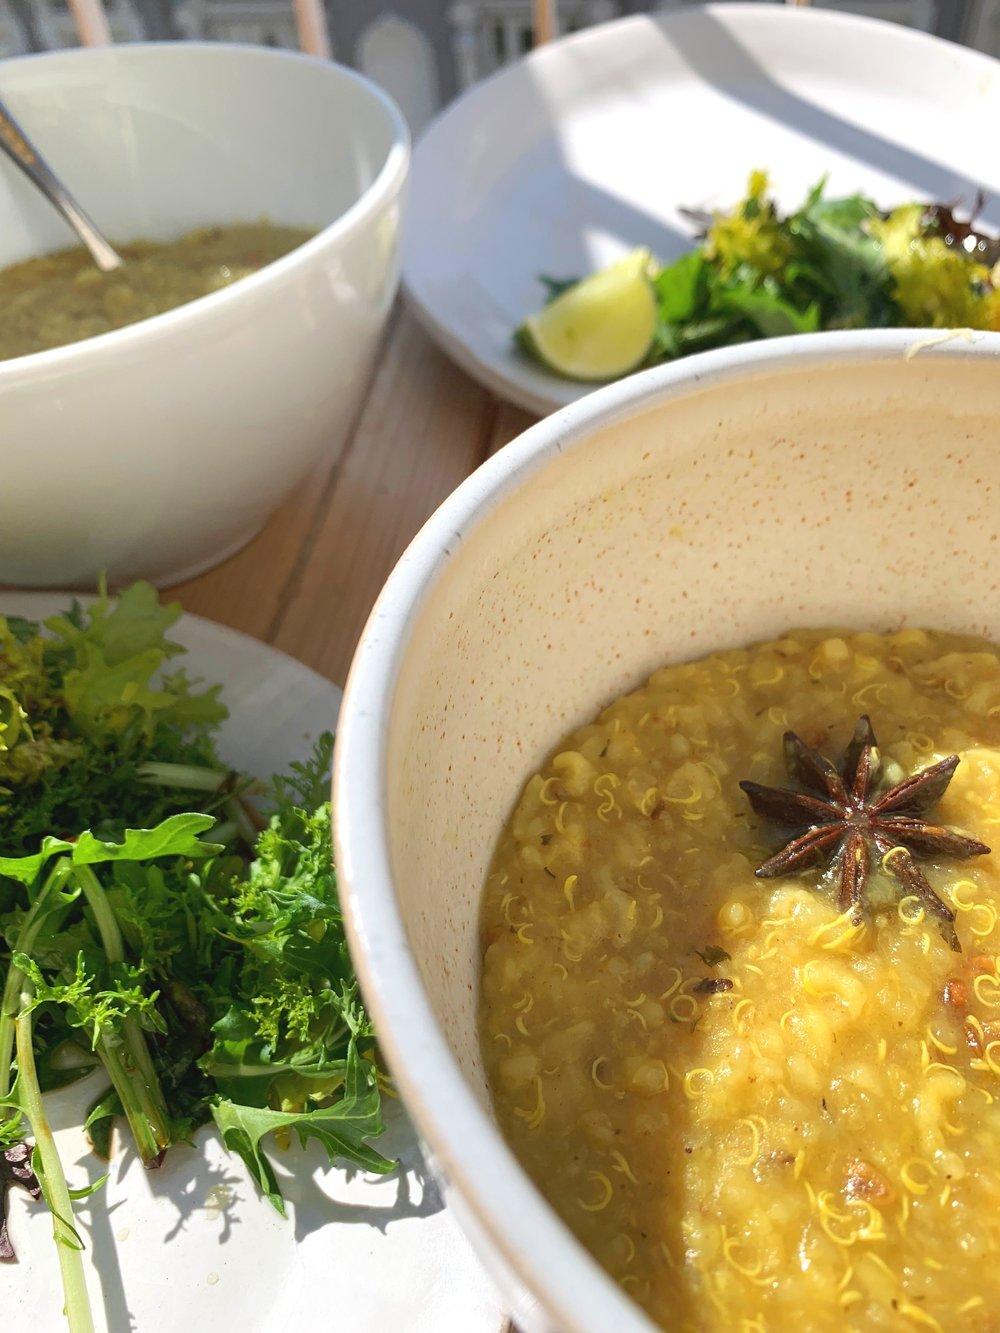 Plain kitchadi with rice, quinoa and split mung